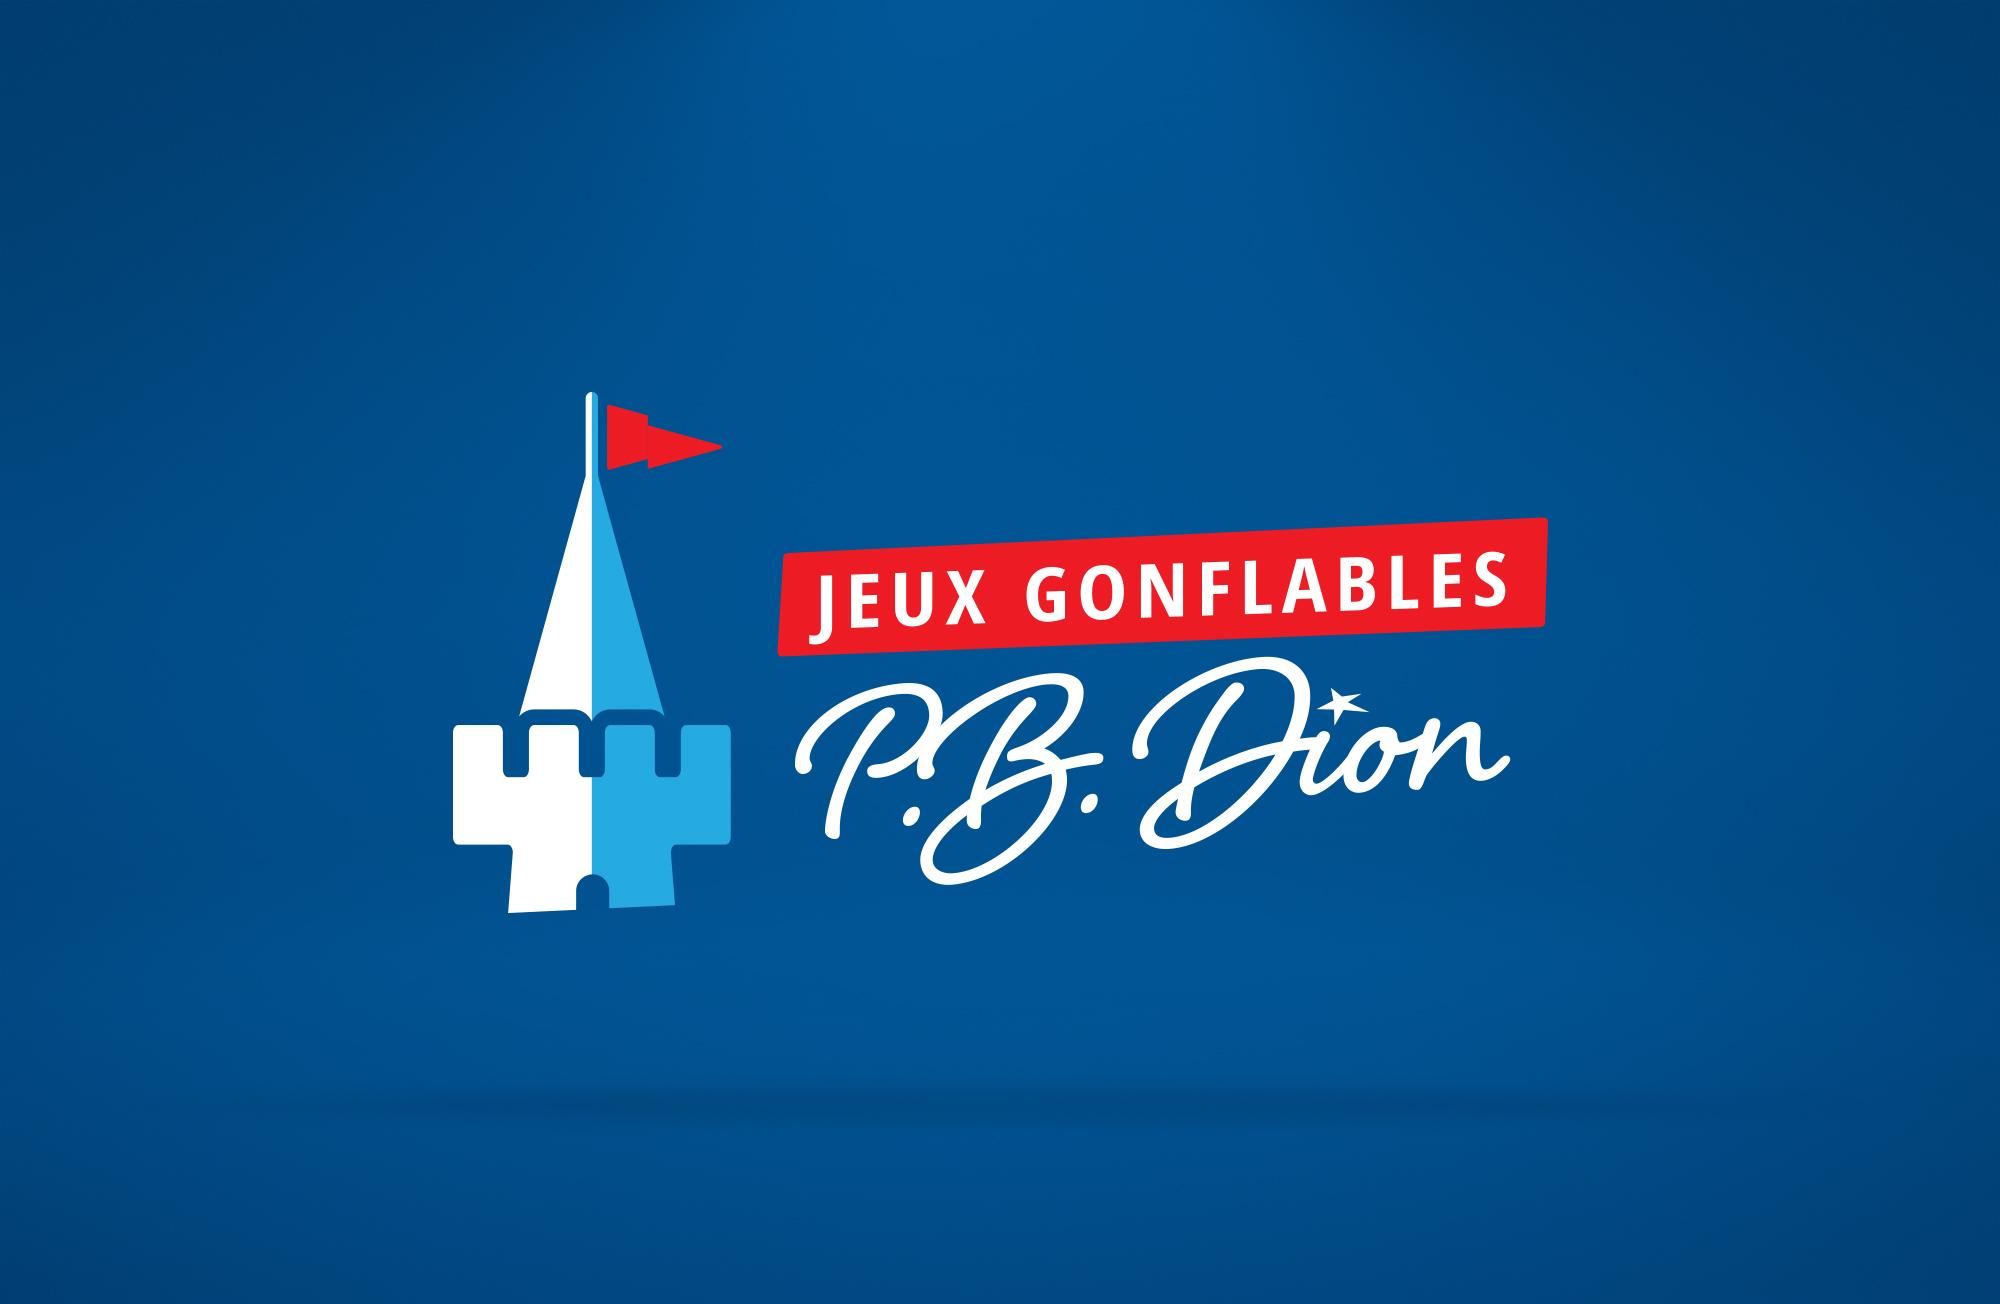 Logo de l'entreprise Jeux Gonflables PB Dion sur fond foncé